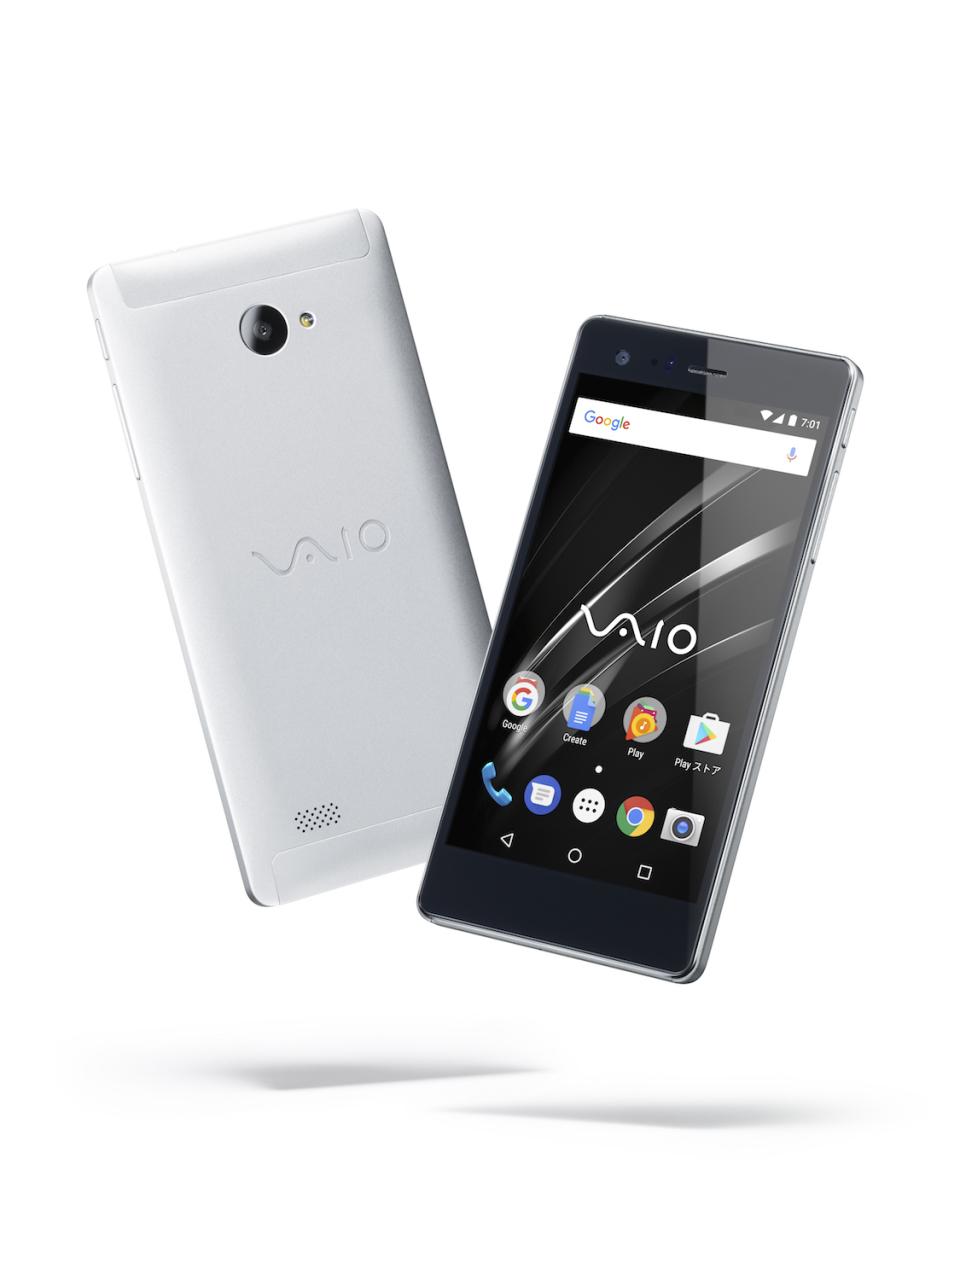 Android搭載で生まれ変わった「VAIO Phone」をジャーナリスト石野純也が徹底レビュー 1番目の画像